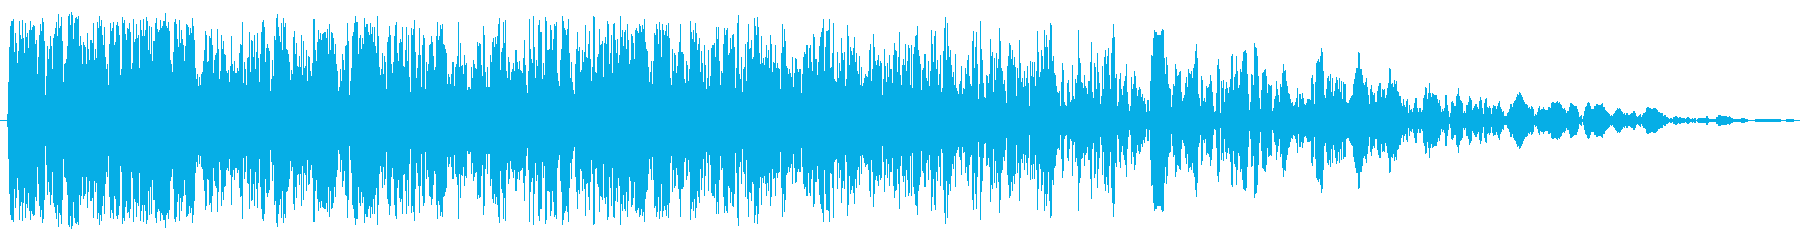 重いクランチの影響の再生済みの波形